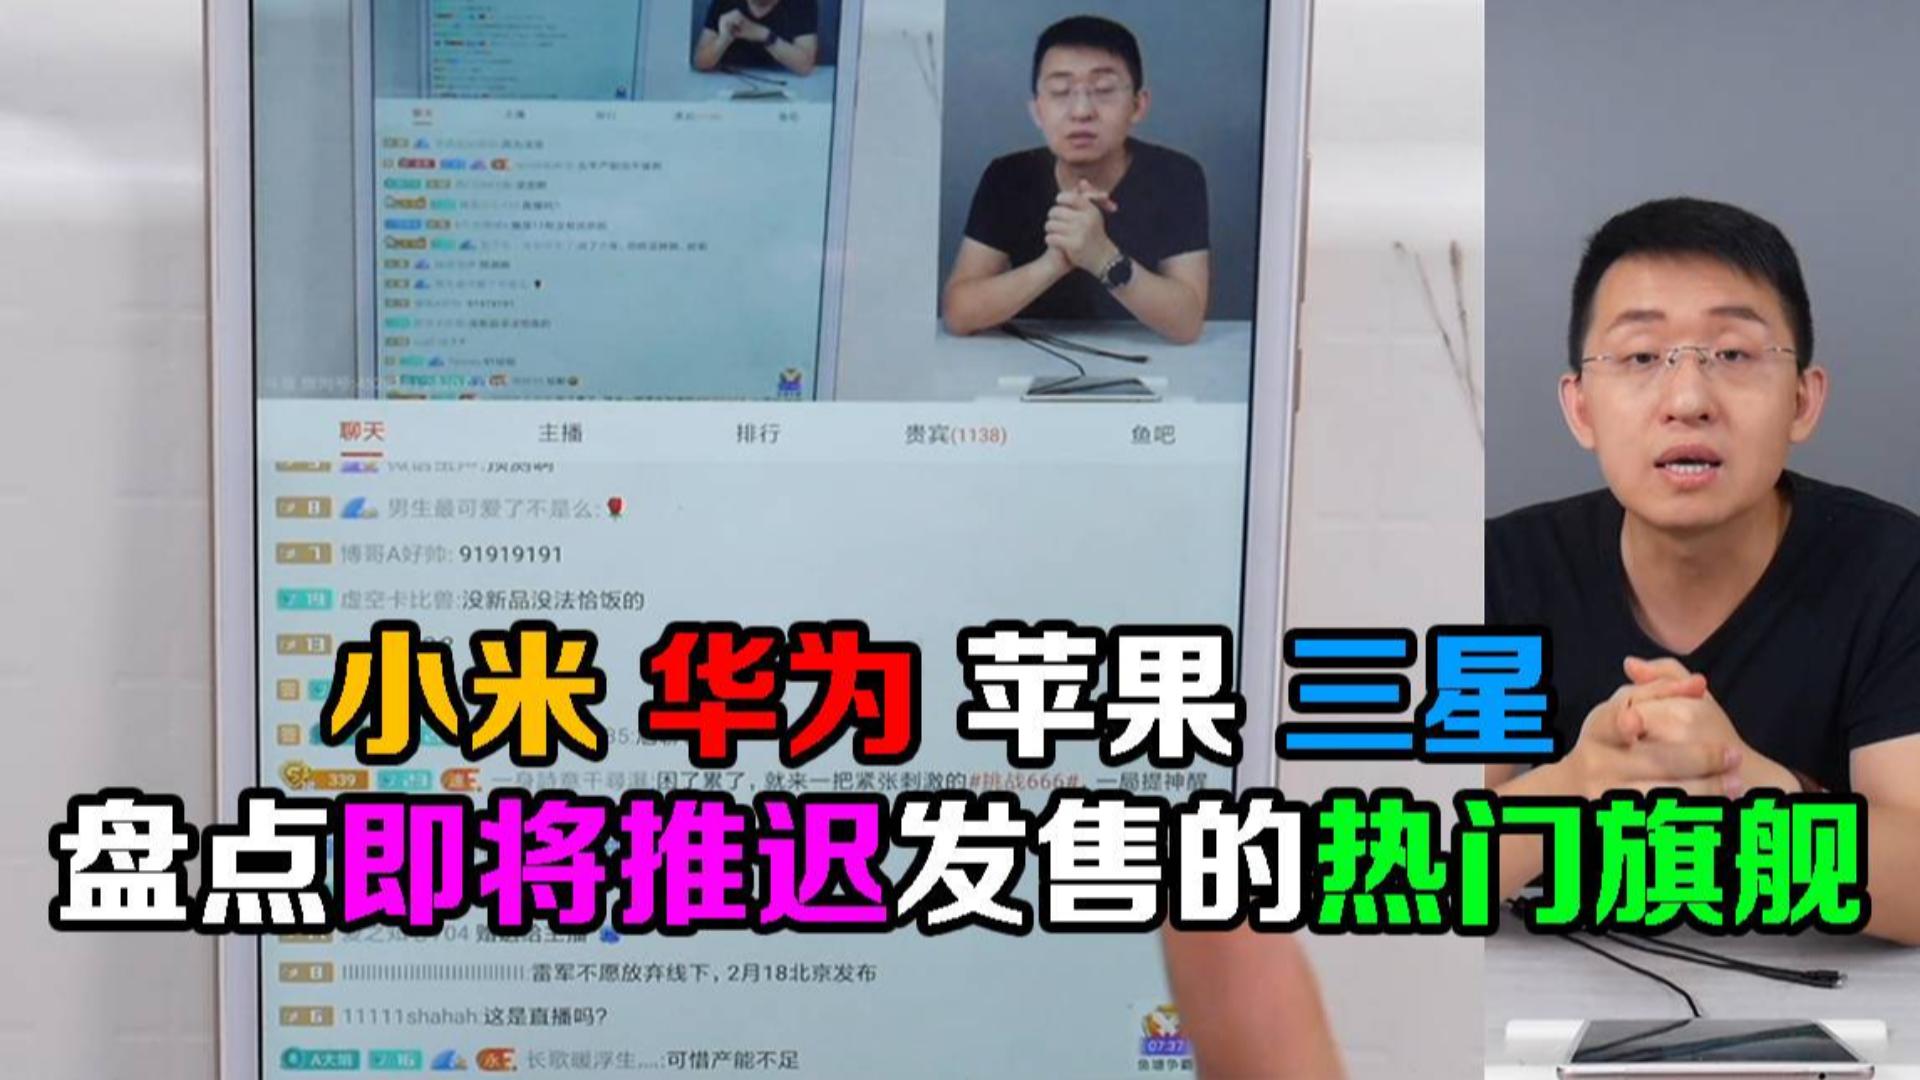 「科技美学直播」小米 华为 苹果 三星 盘点近期即将推迟发售的热门旗舰